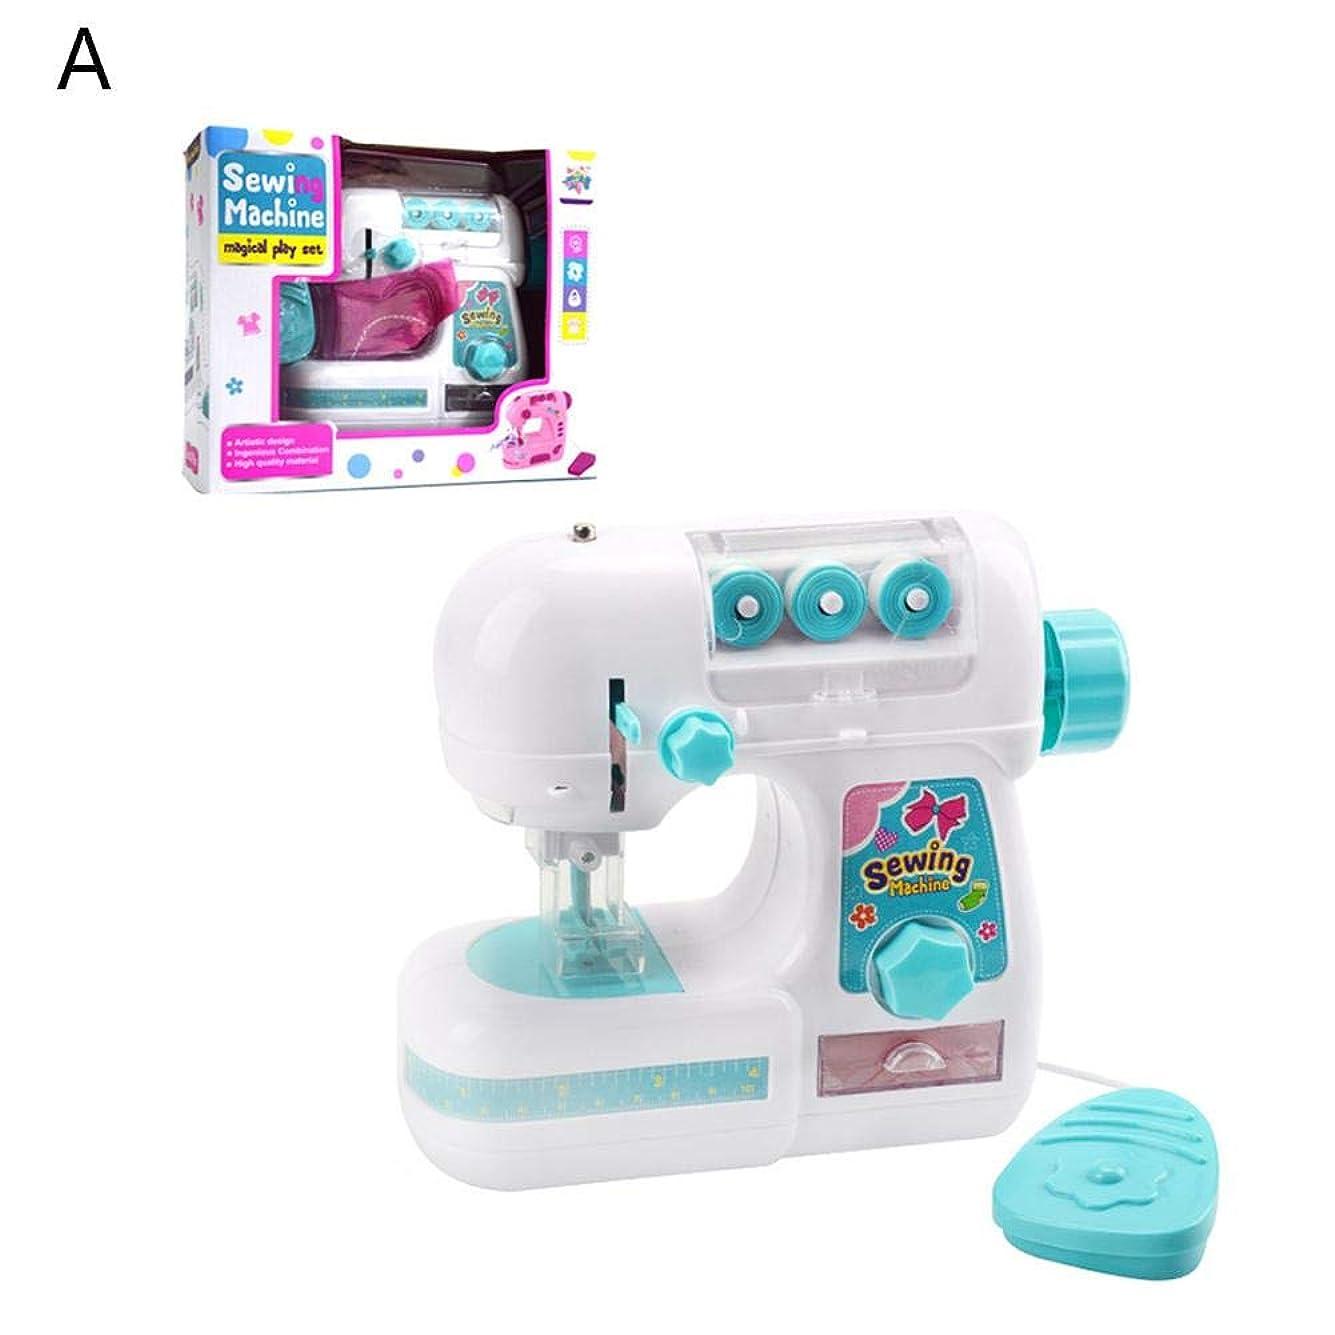 証書核記者電気ミシン 子供向けミシン 多機能ミニミシン 小型家電おもちゃ ままごと ミシンごっこ遊び DIY 親子遊び 知育玩具 教育興味深い 裁縫道具 子供への贈り物